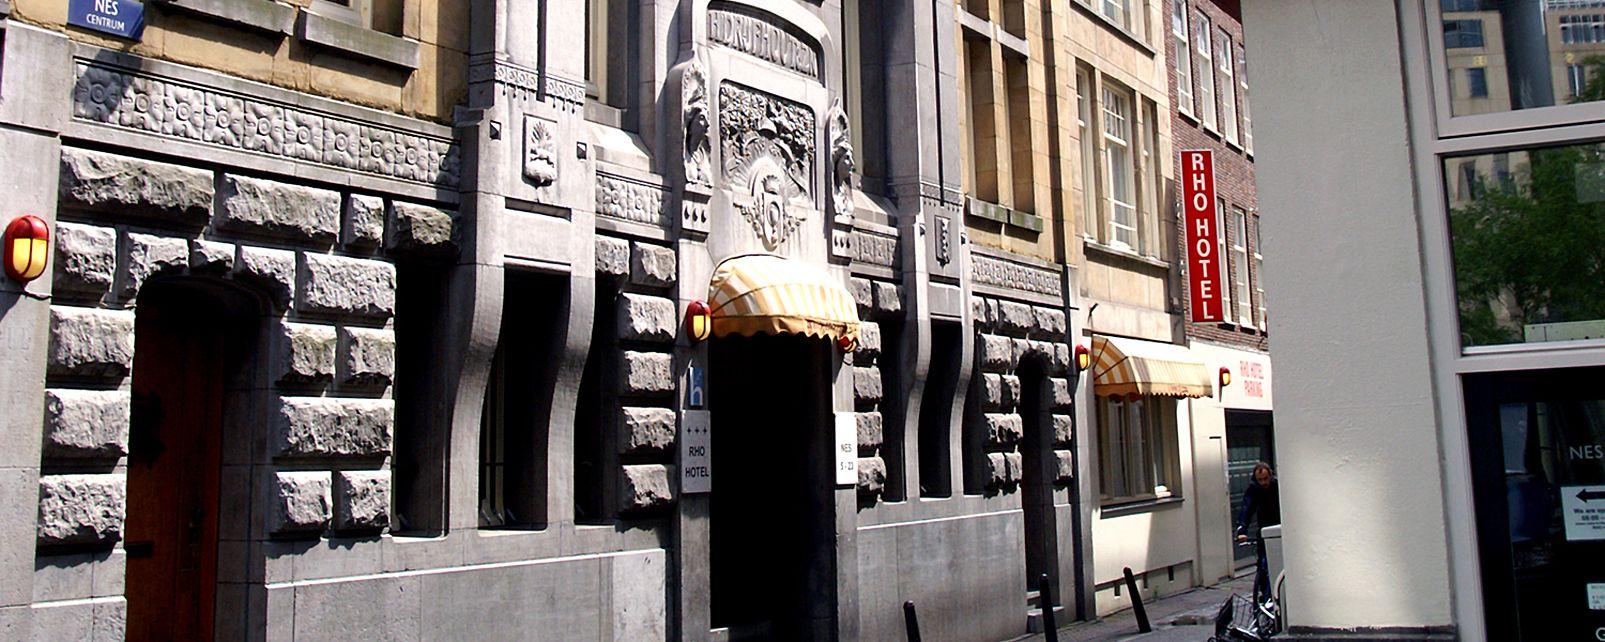 Hotel rho in for Rho hotel amsterdam